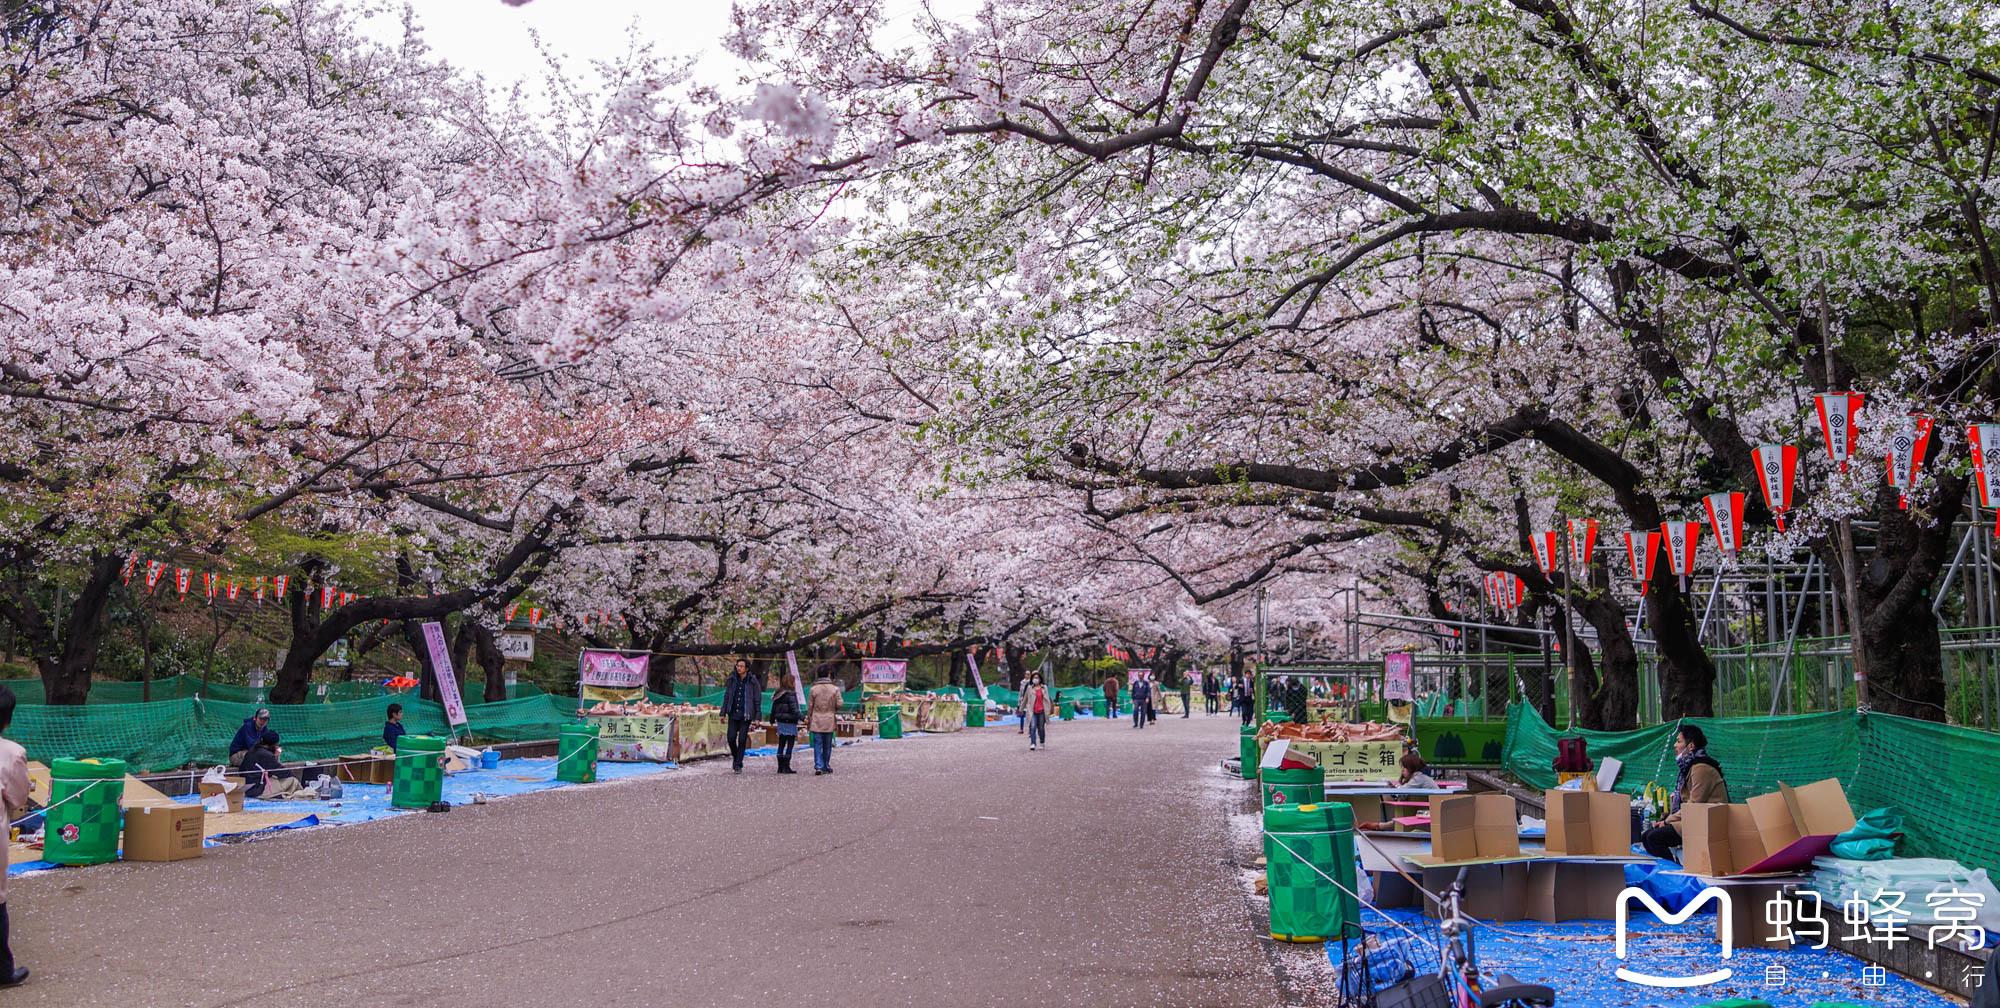 【东京景点图片】上野公园